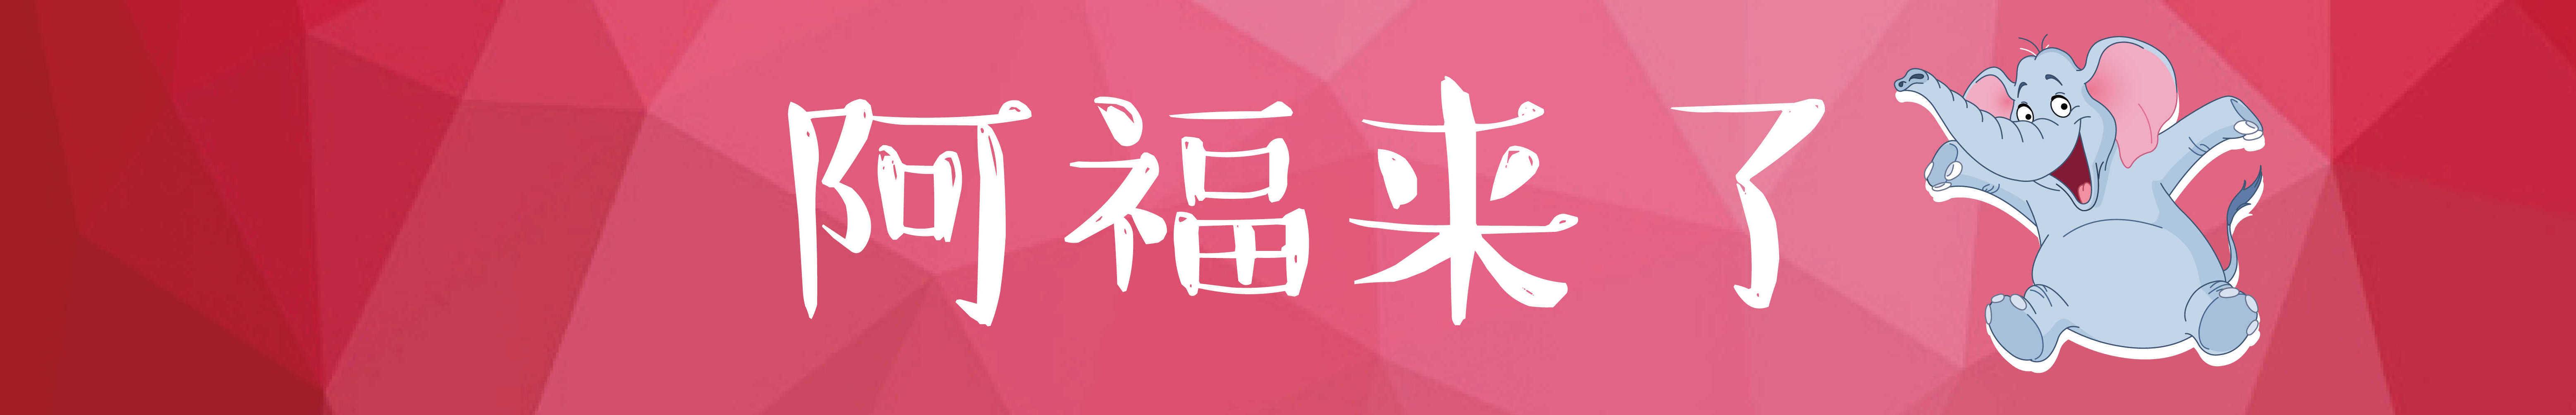 阿福Thomas banner